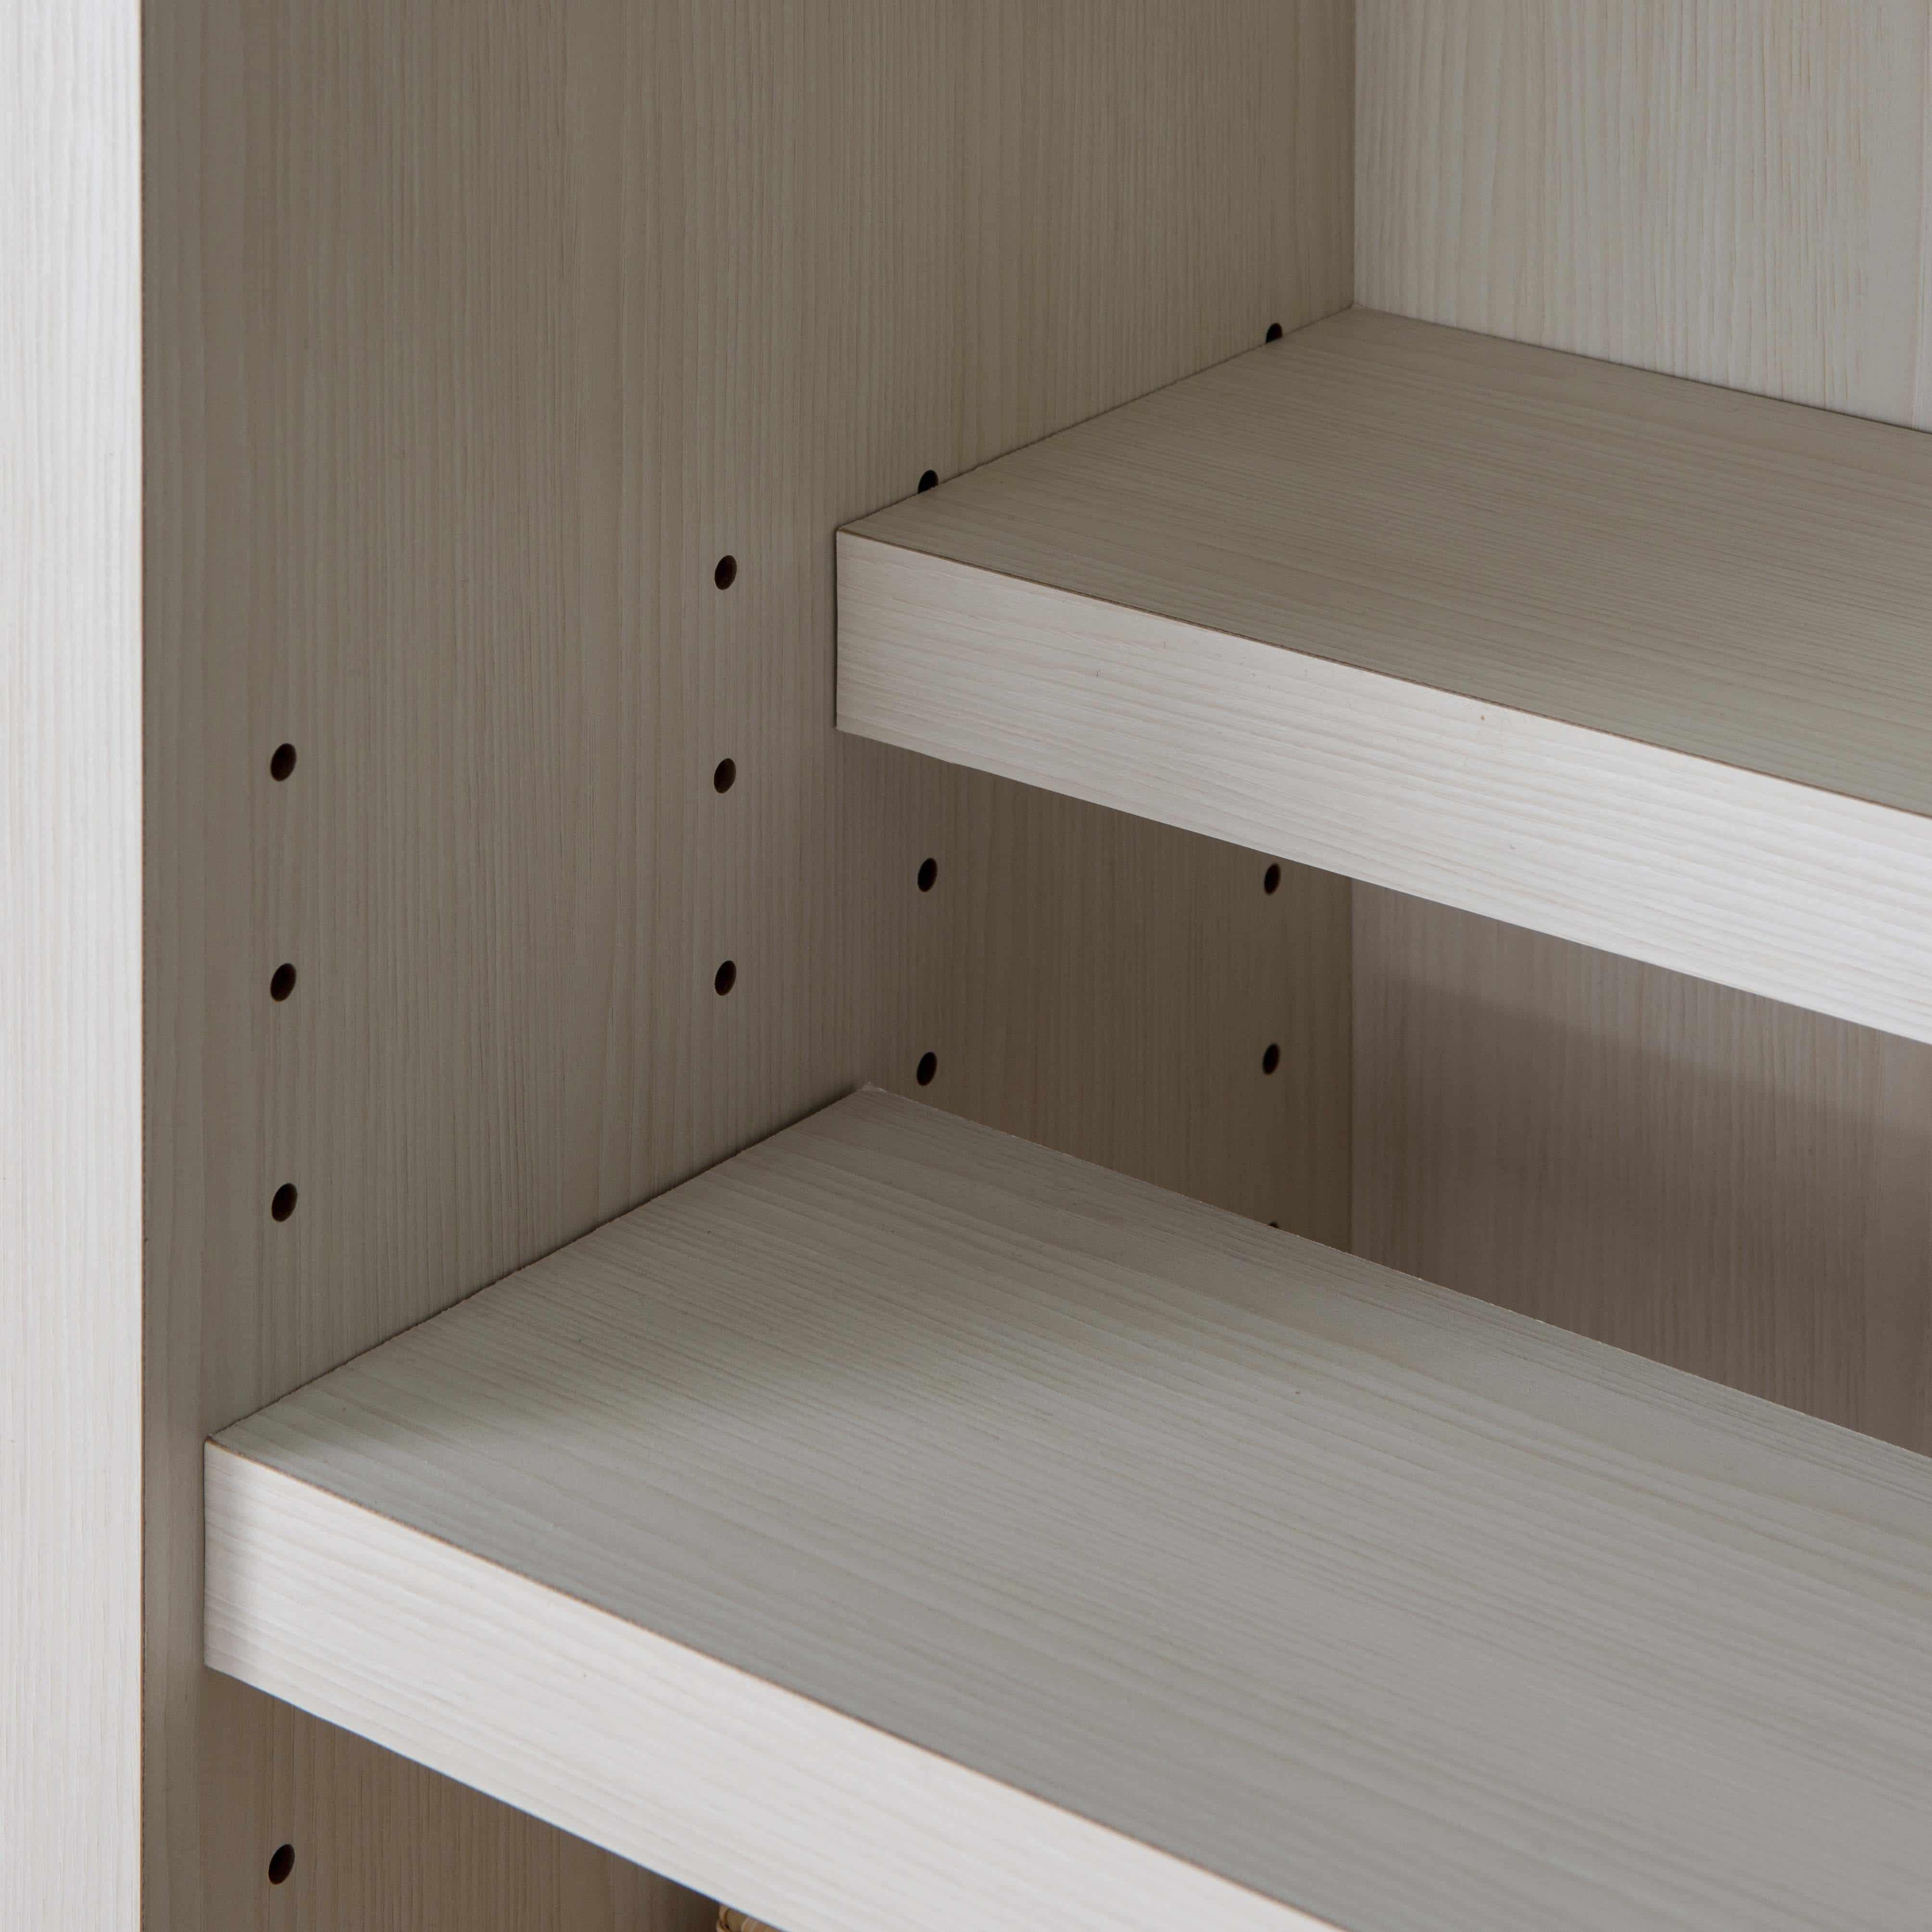 書棚 スカーラ 90Hフリーボード (ウォールナット):細かな調整で無駄なく収納